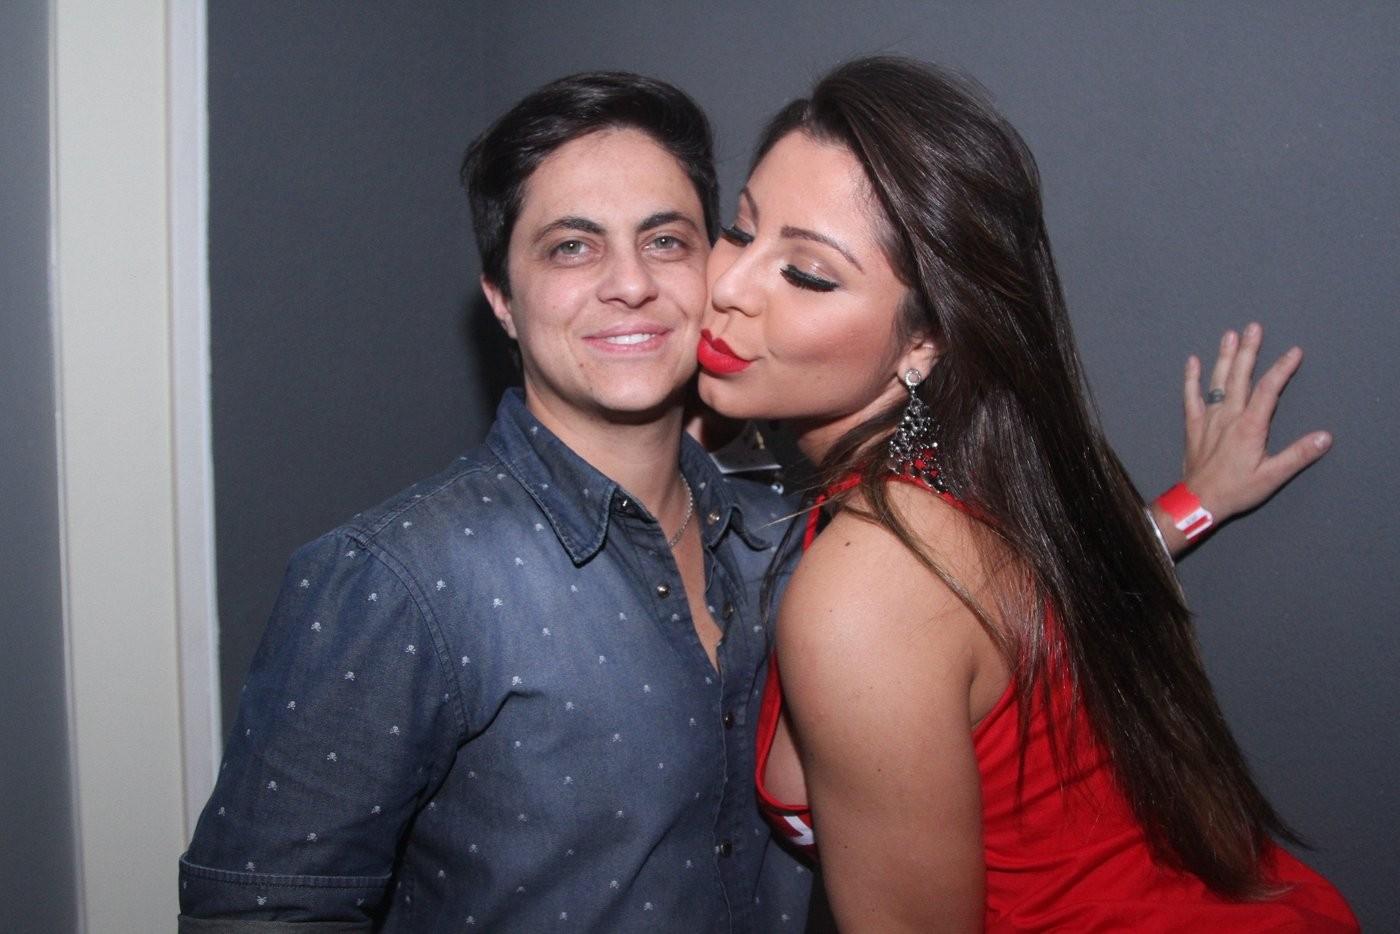 Thammy curte show sertanejo com a namorada Andressa Ferreira Quem  #7E2426 1400x934 Banheiro Bbb 2014